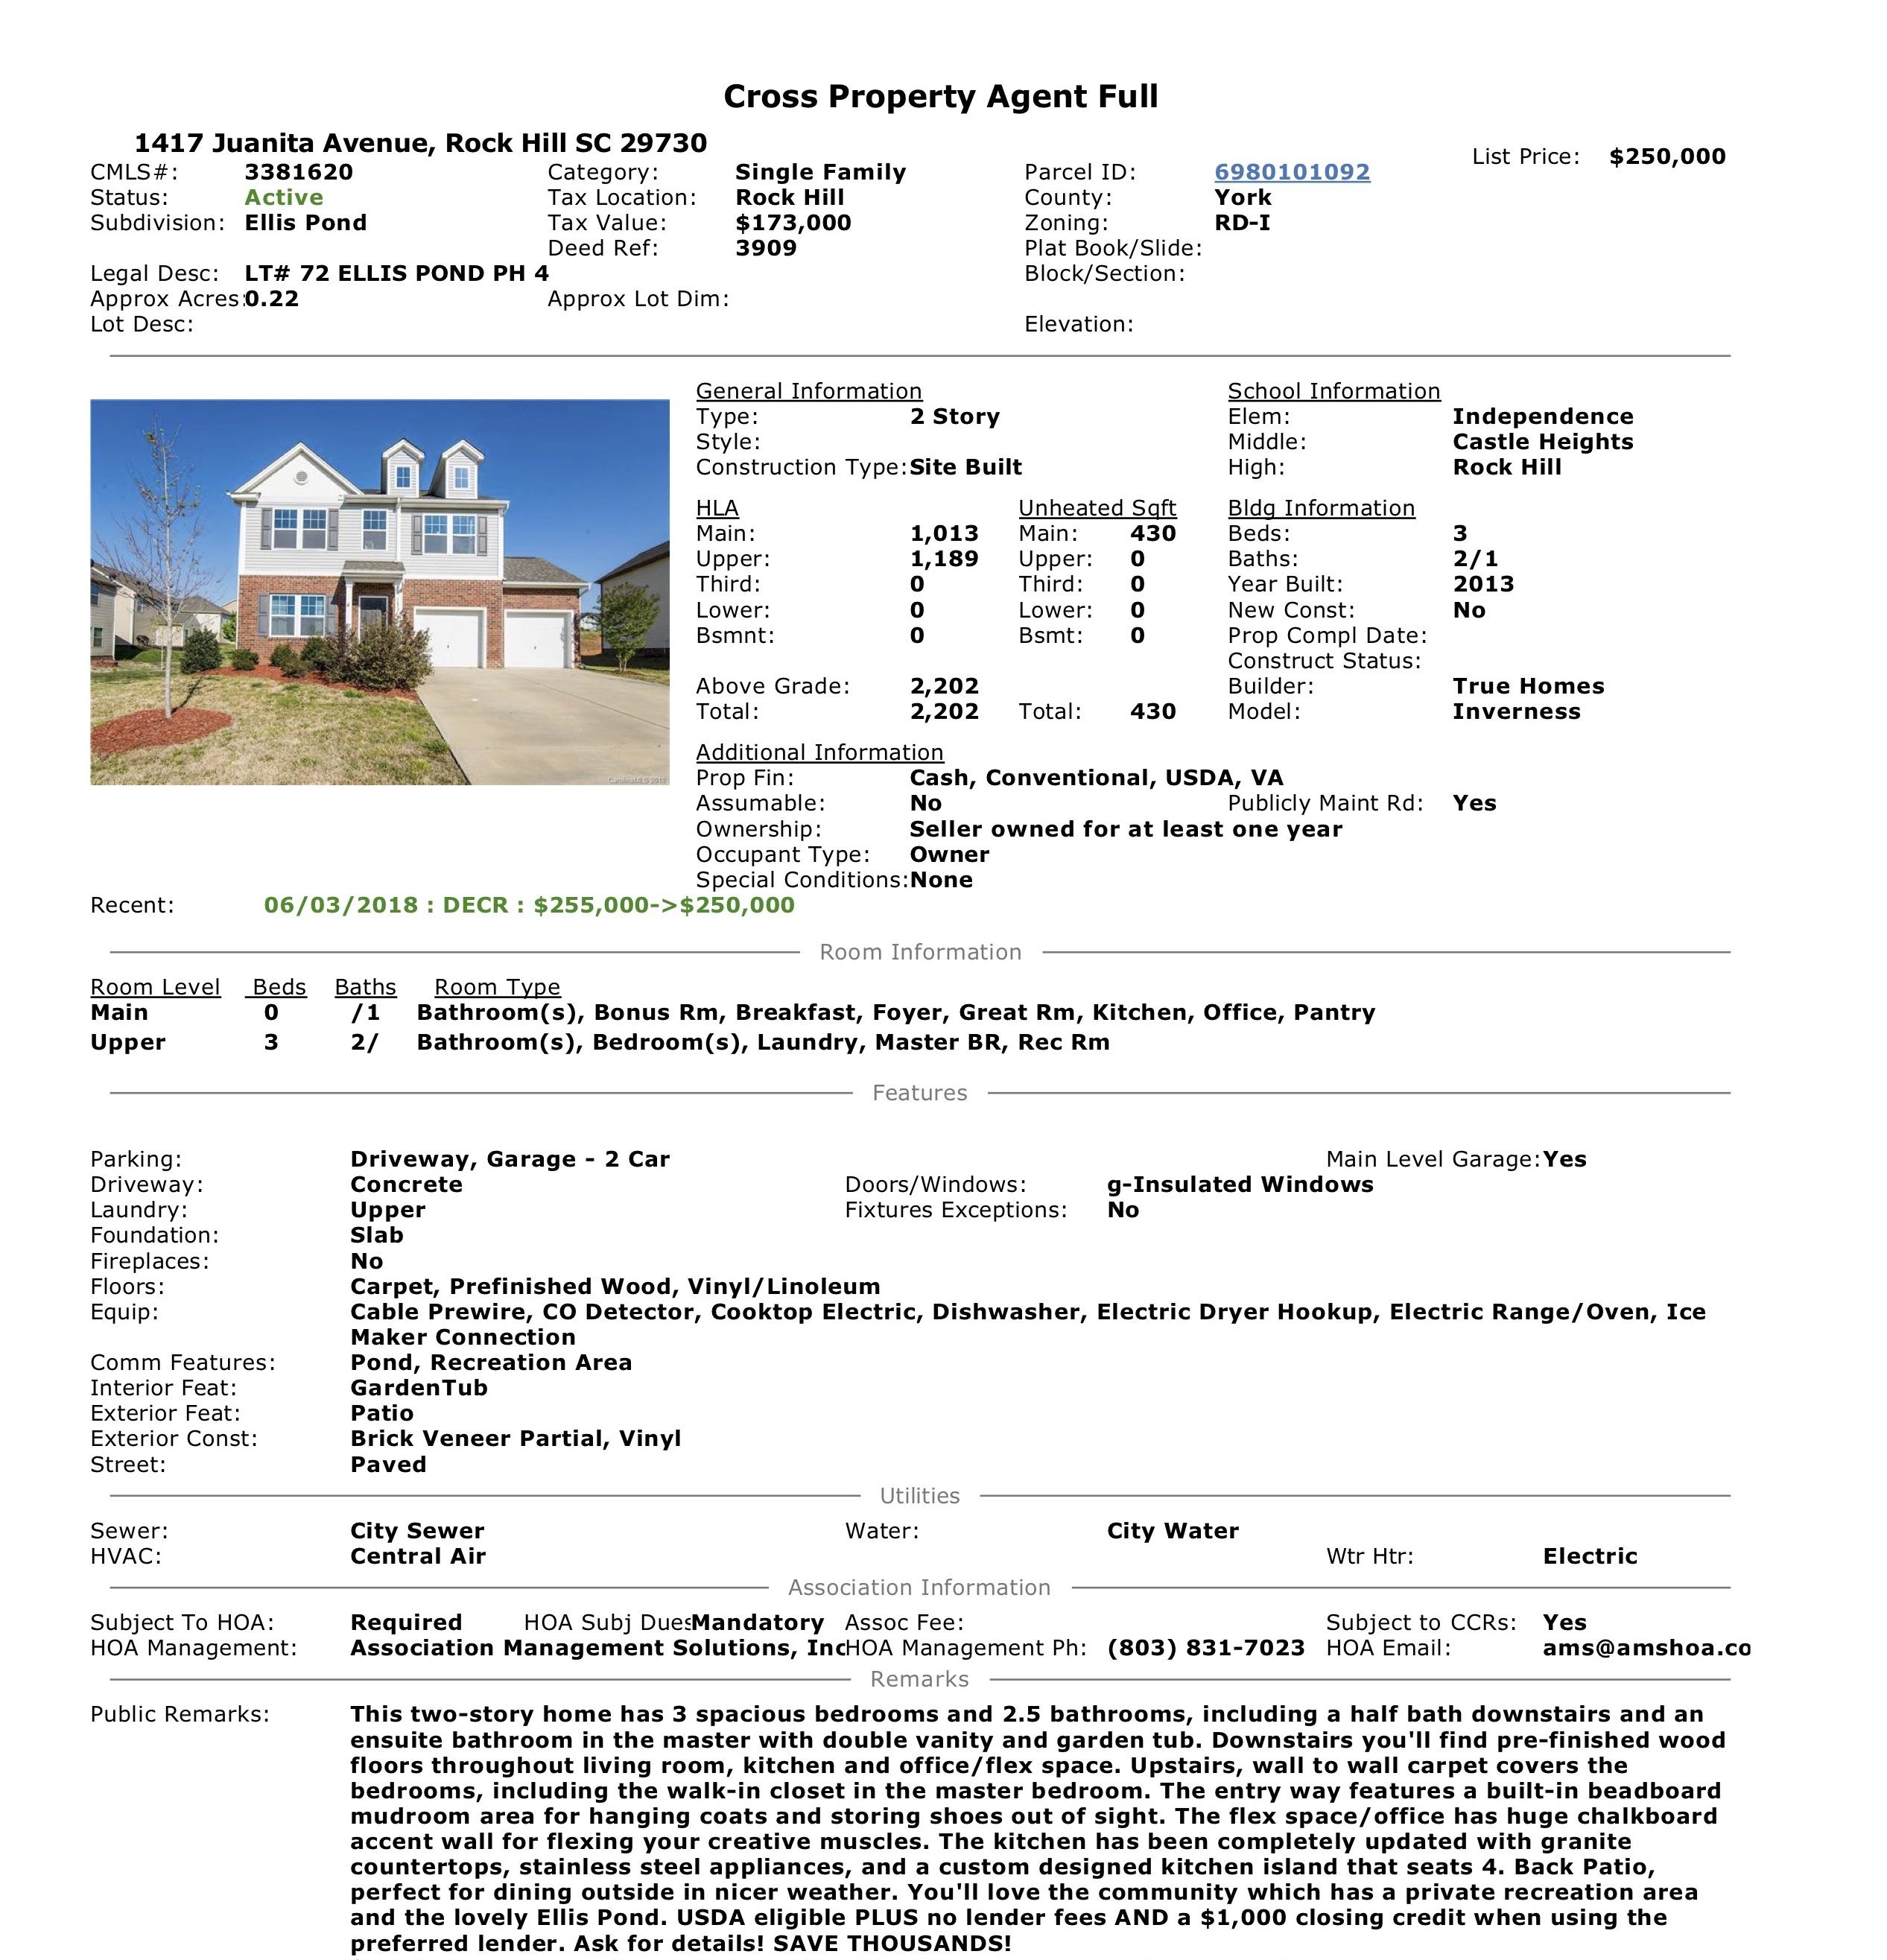 MLS Data Sheet 1417 Juanita Avenue